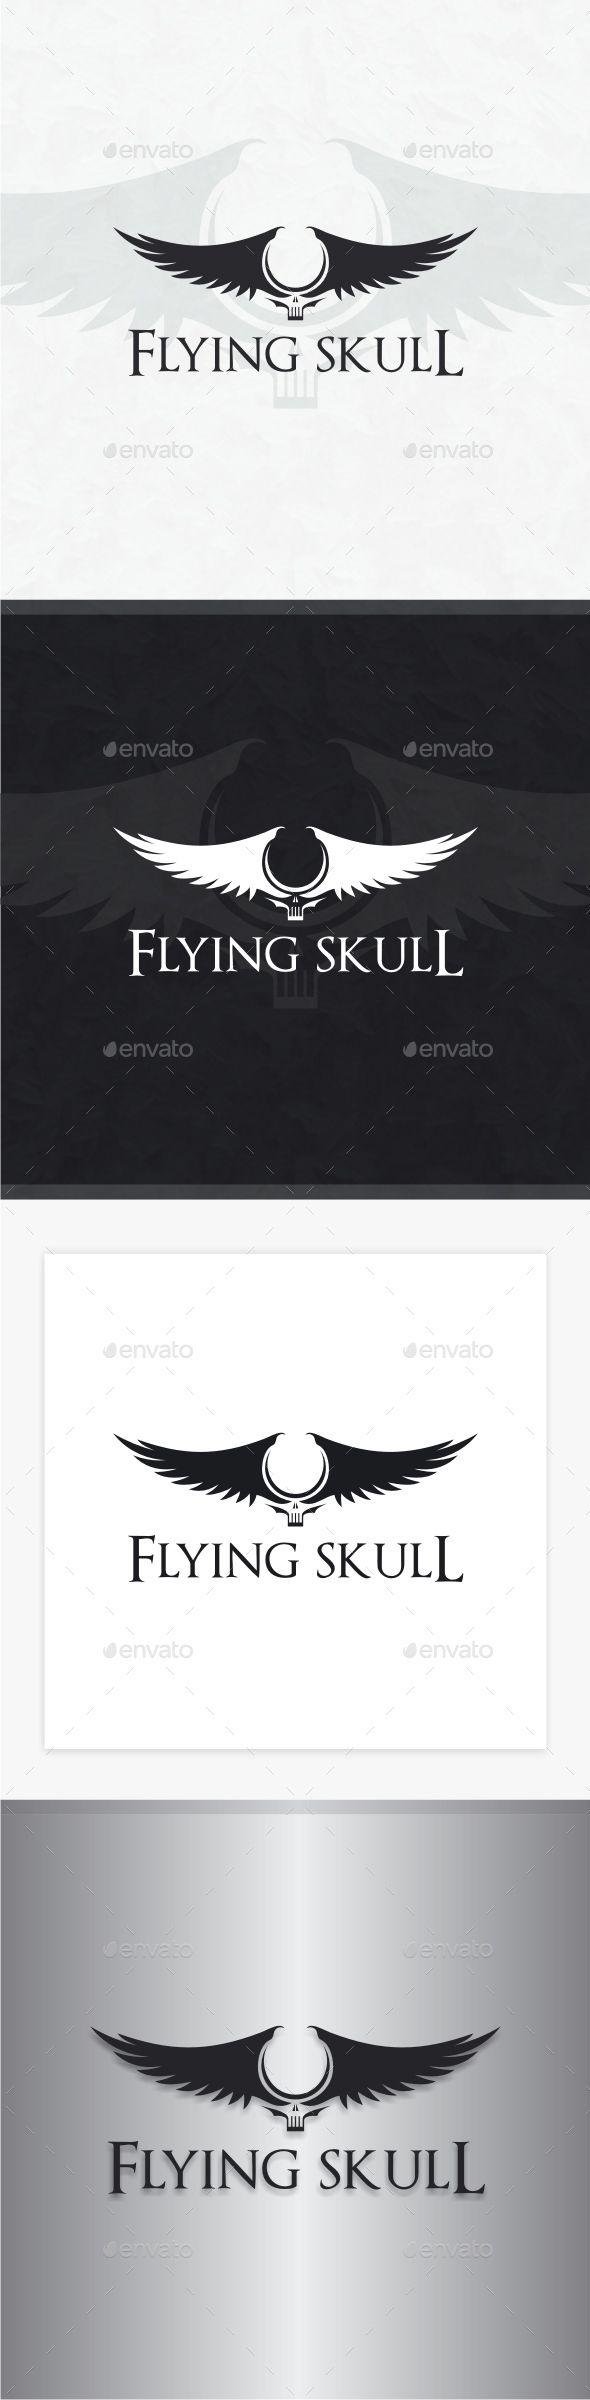 Flying Skull Logo — Photoshop PSD #skull #studio • Available here → https://graphicriver.net/item/flying-skull-logo/8861129?ref=pxcr